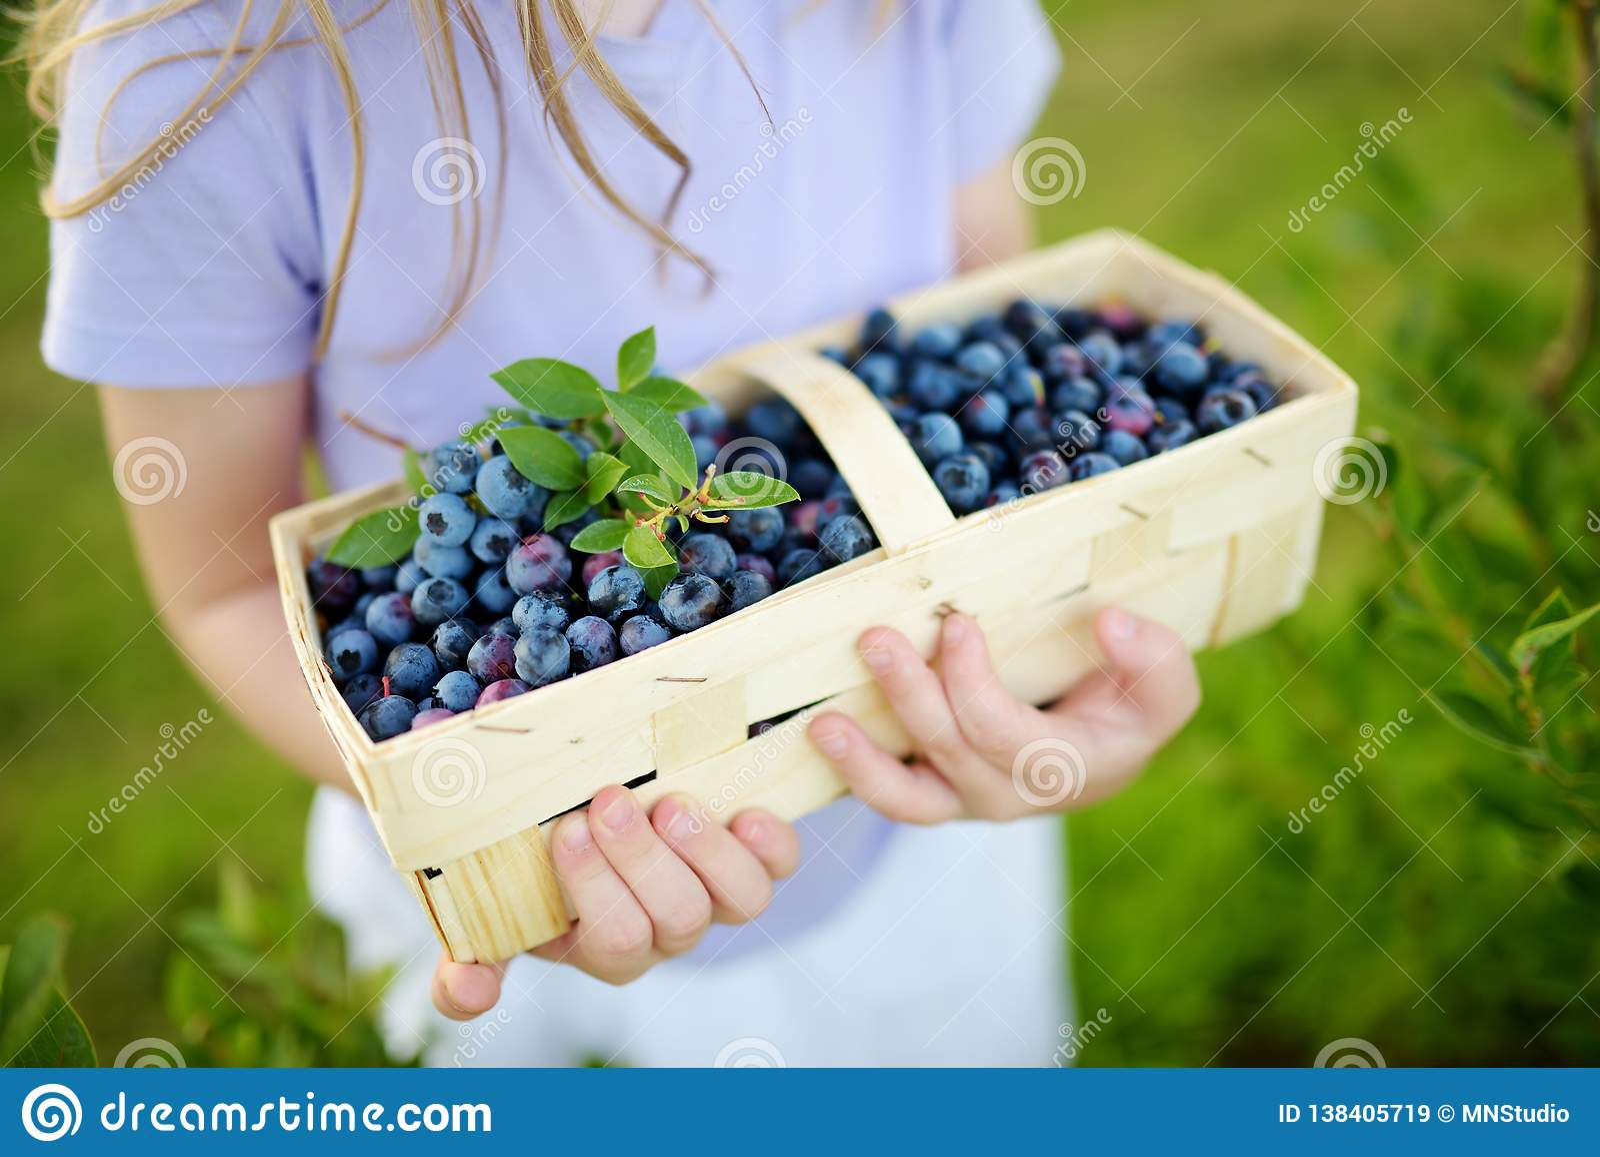 采摘在有机蓝莓农场的逗人喜爱的小女孩新鲜的莓果在温暖和晴朗的夏日 新鲜的健康有机食品为